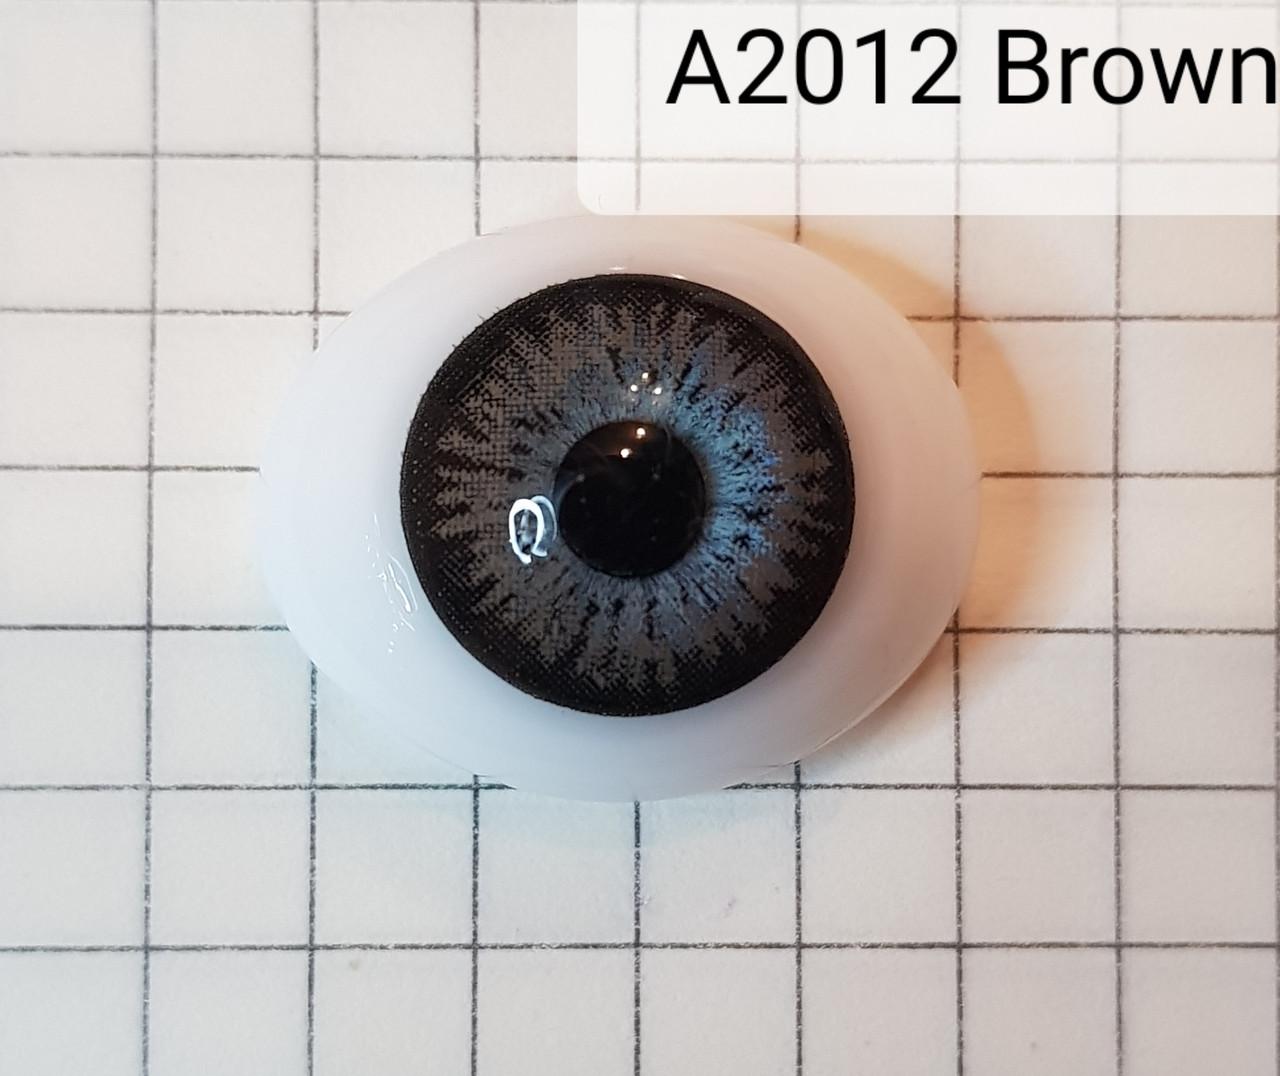 Контактные линзы A2012 Brown -1.25 - фото 3